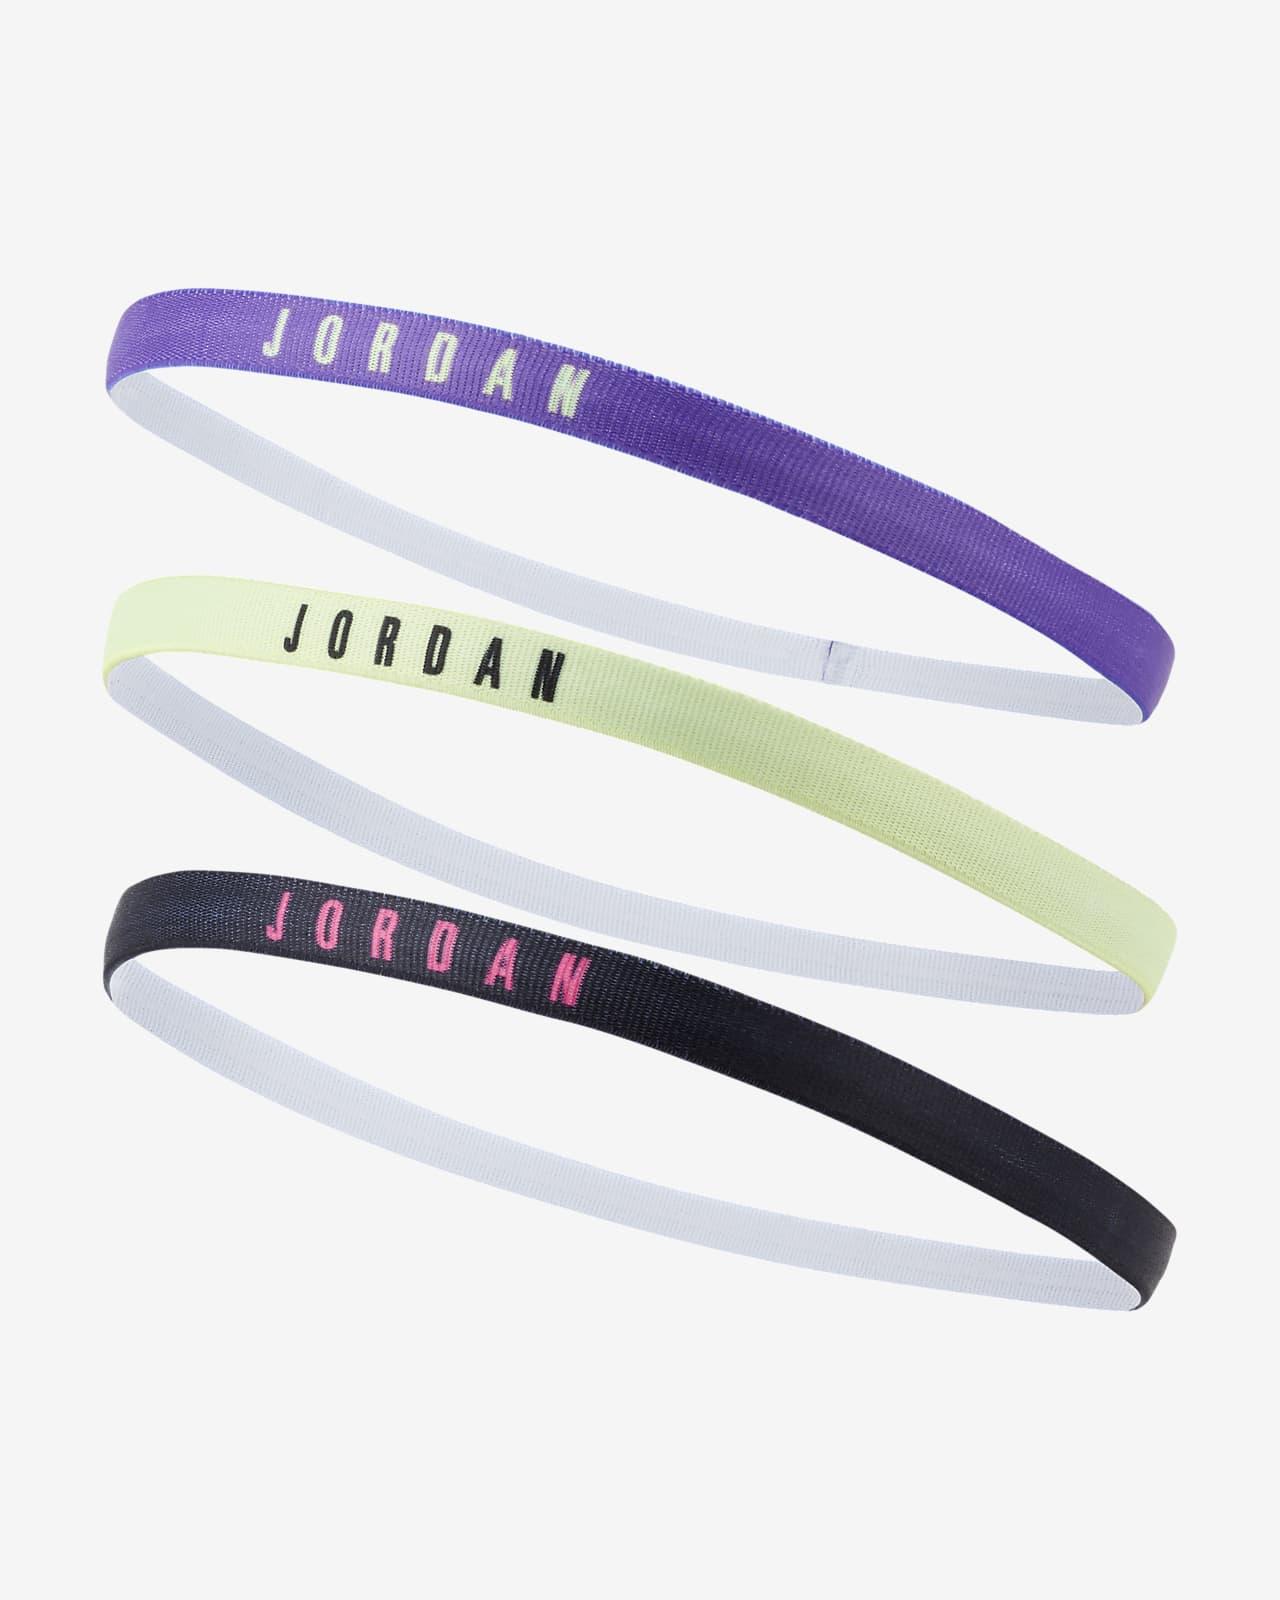 Bandeaux Jordan (lot de 3)